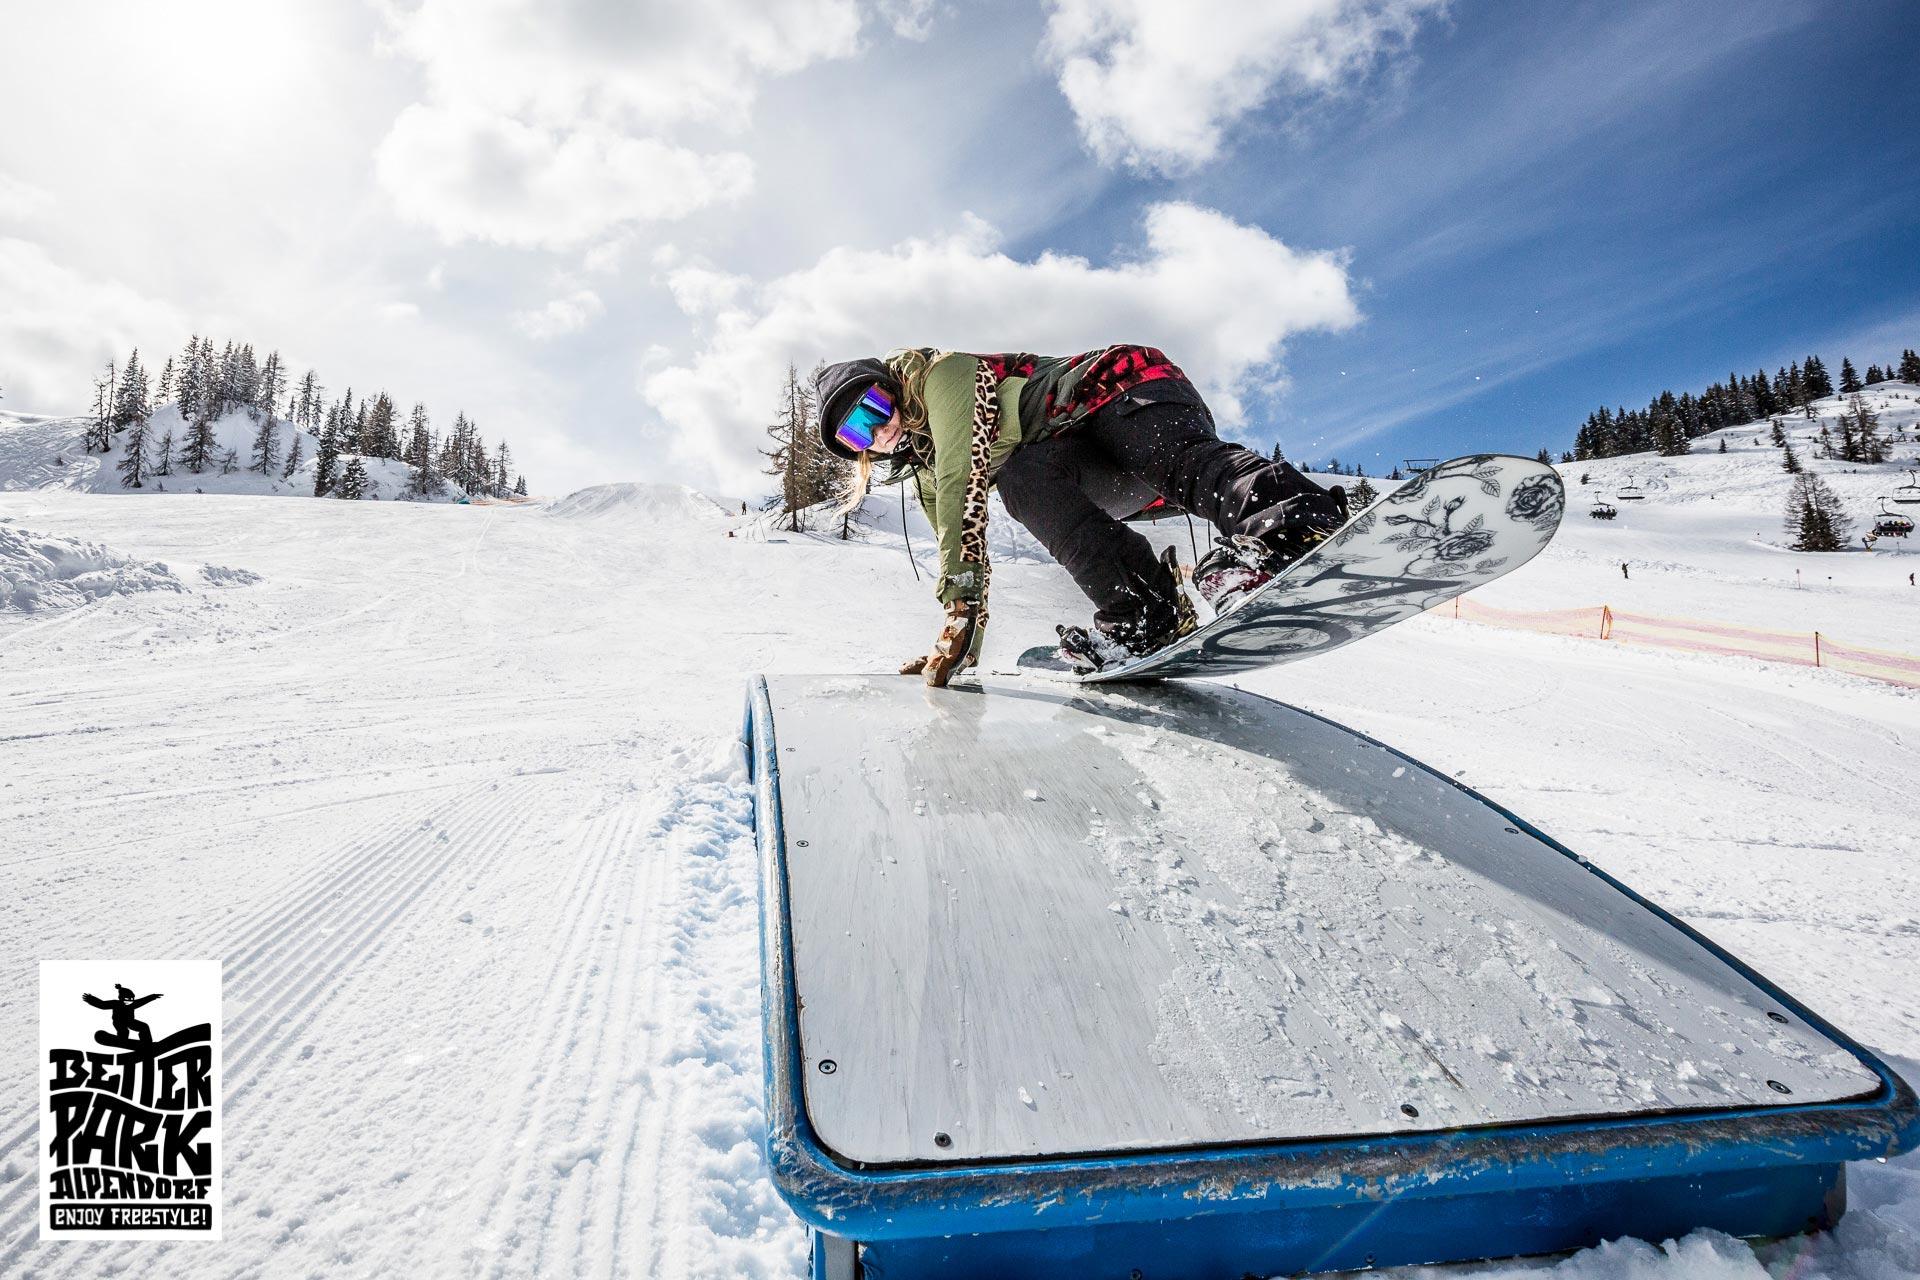 Der betterpark Alpendorf hält auch für komplette Freestyle Neulinge das passende Angebot bereit, aber auch fortgeschrittene Fahrer werden mit dem Setup glücklich sein - Foto: Gert Perauer